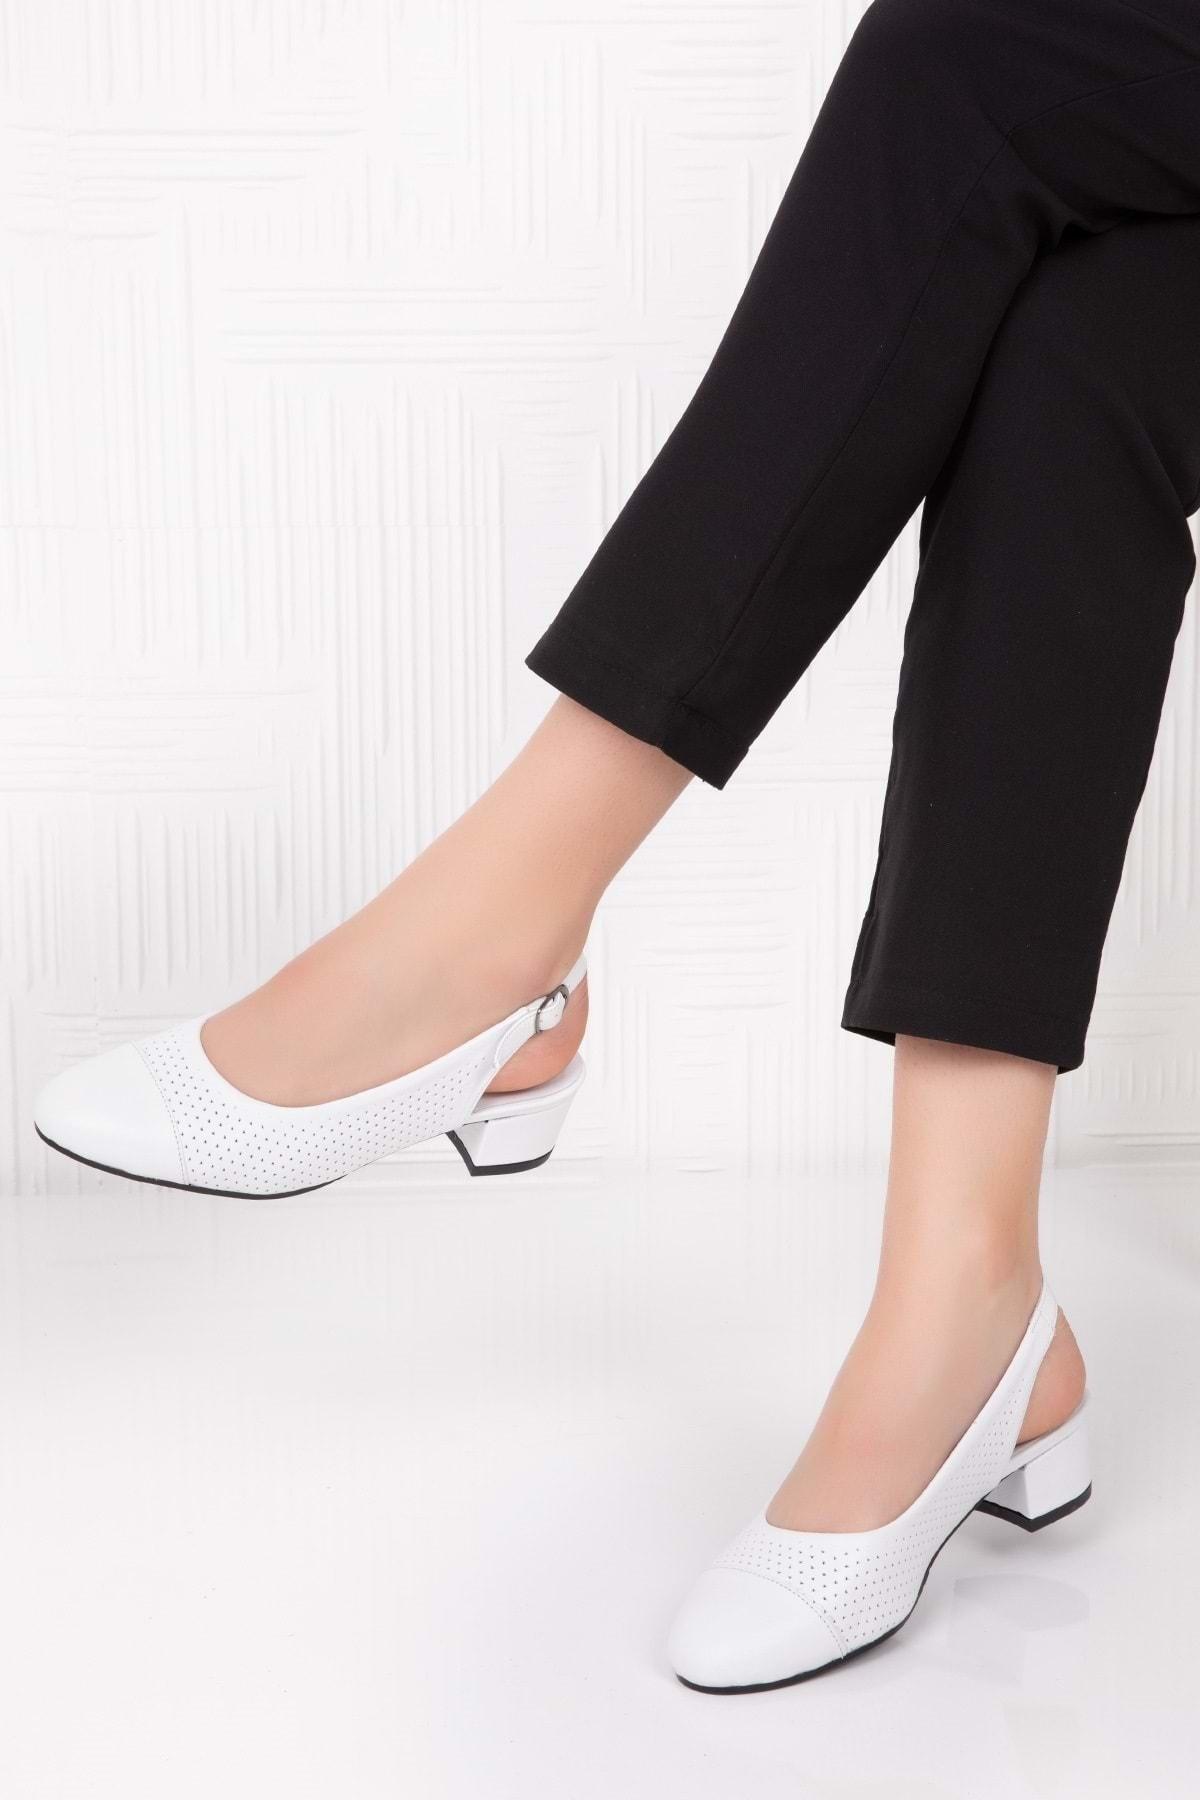 Hakiki Deri Yumuşak Dokulu Günlük Ayakkabı Beyaz 35 Vdt.37